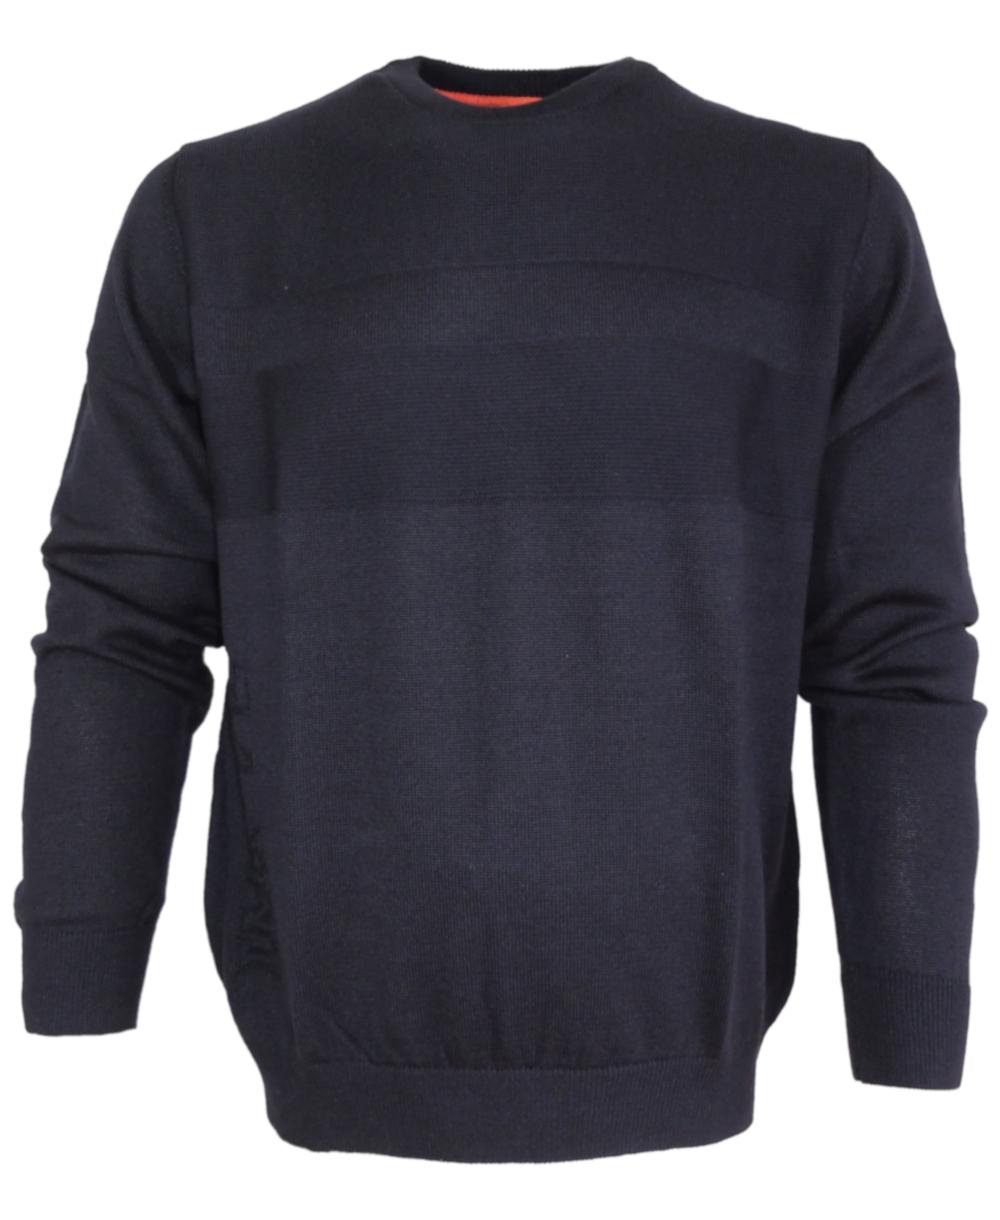 absolut stilvoll Details für wie man kauft Impulso Rundhals Strickpullover in dunkelblau 16032510Y-490